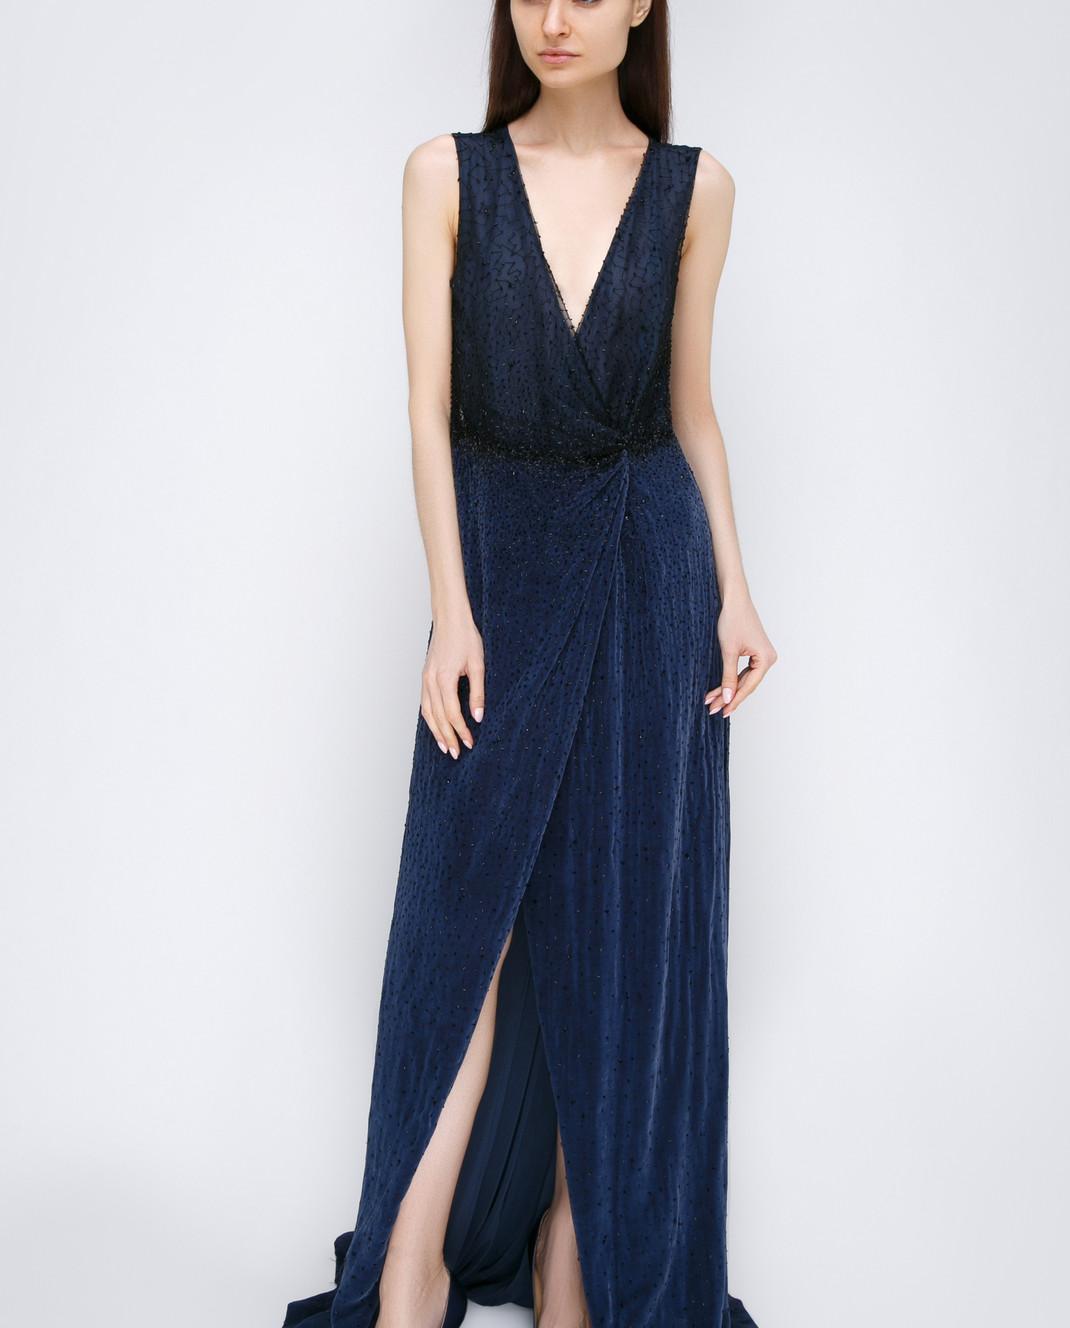 Dennis Basso Синее платье 13508 изображение 2